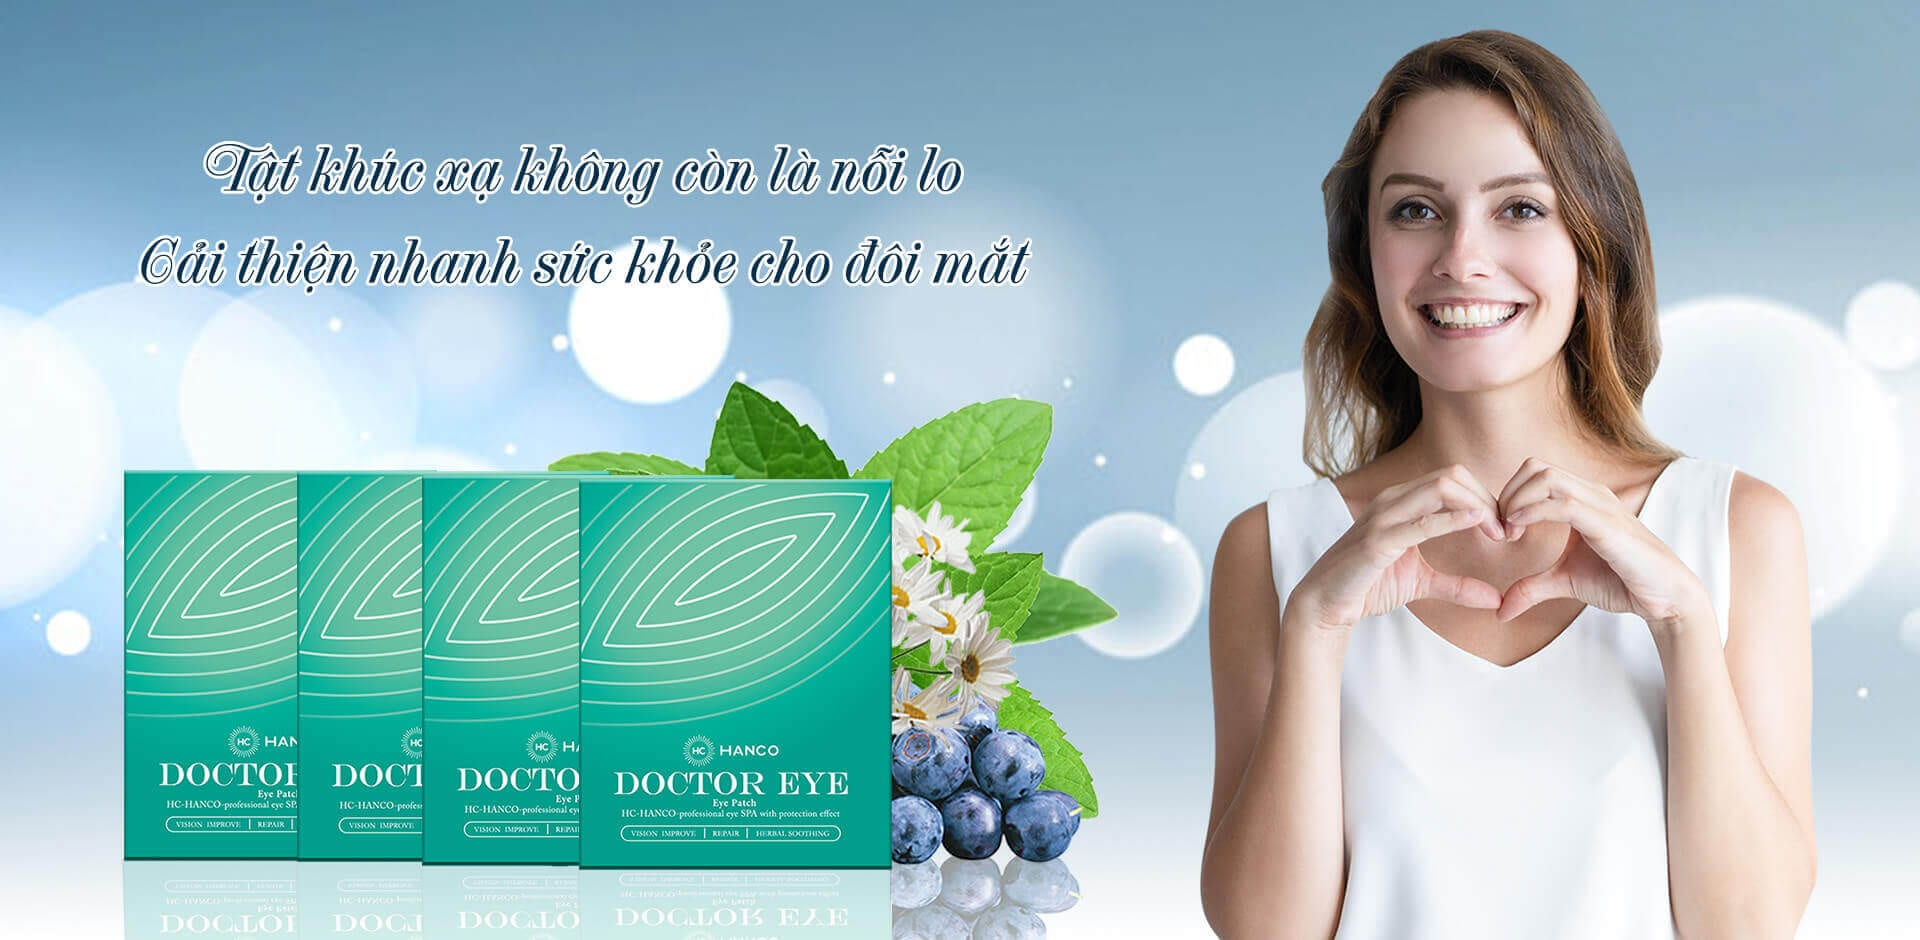 Mặt nạ đắp mặt tự nhiên Doctor Eye - Top 10 mặt nạ dưỡng mắt được giới trẻ quan tâm nhiều nhất